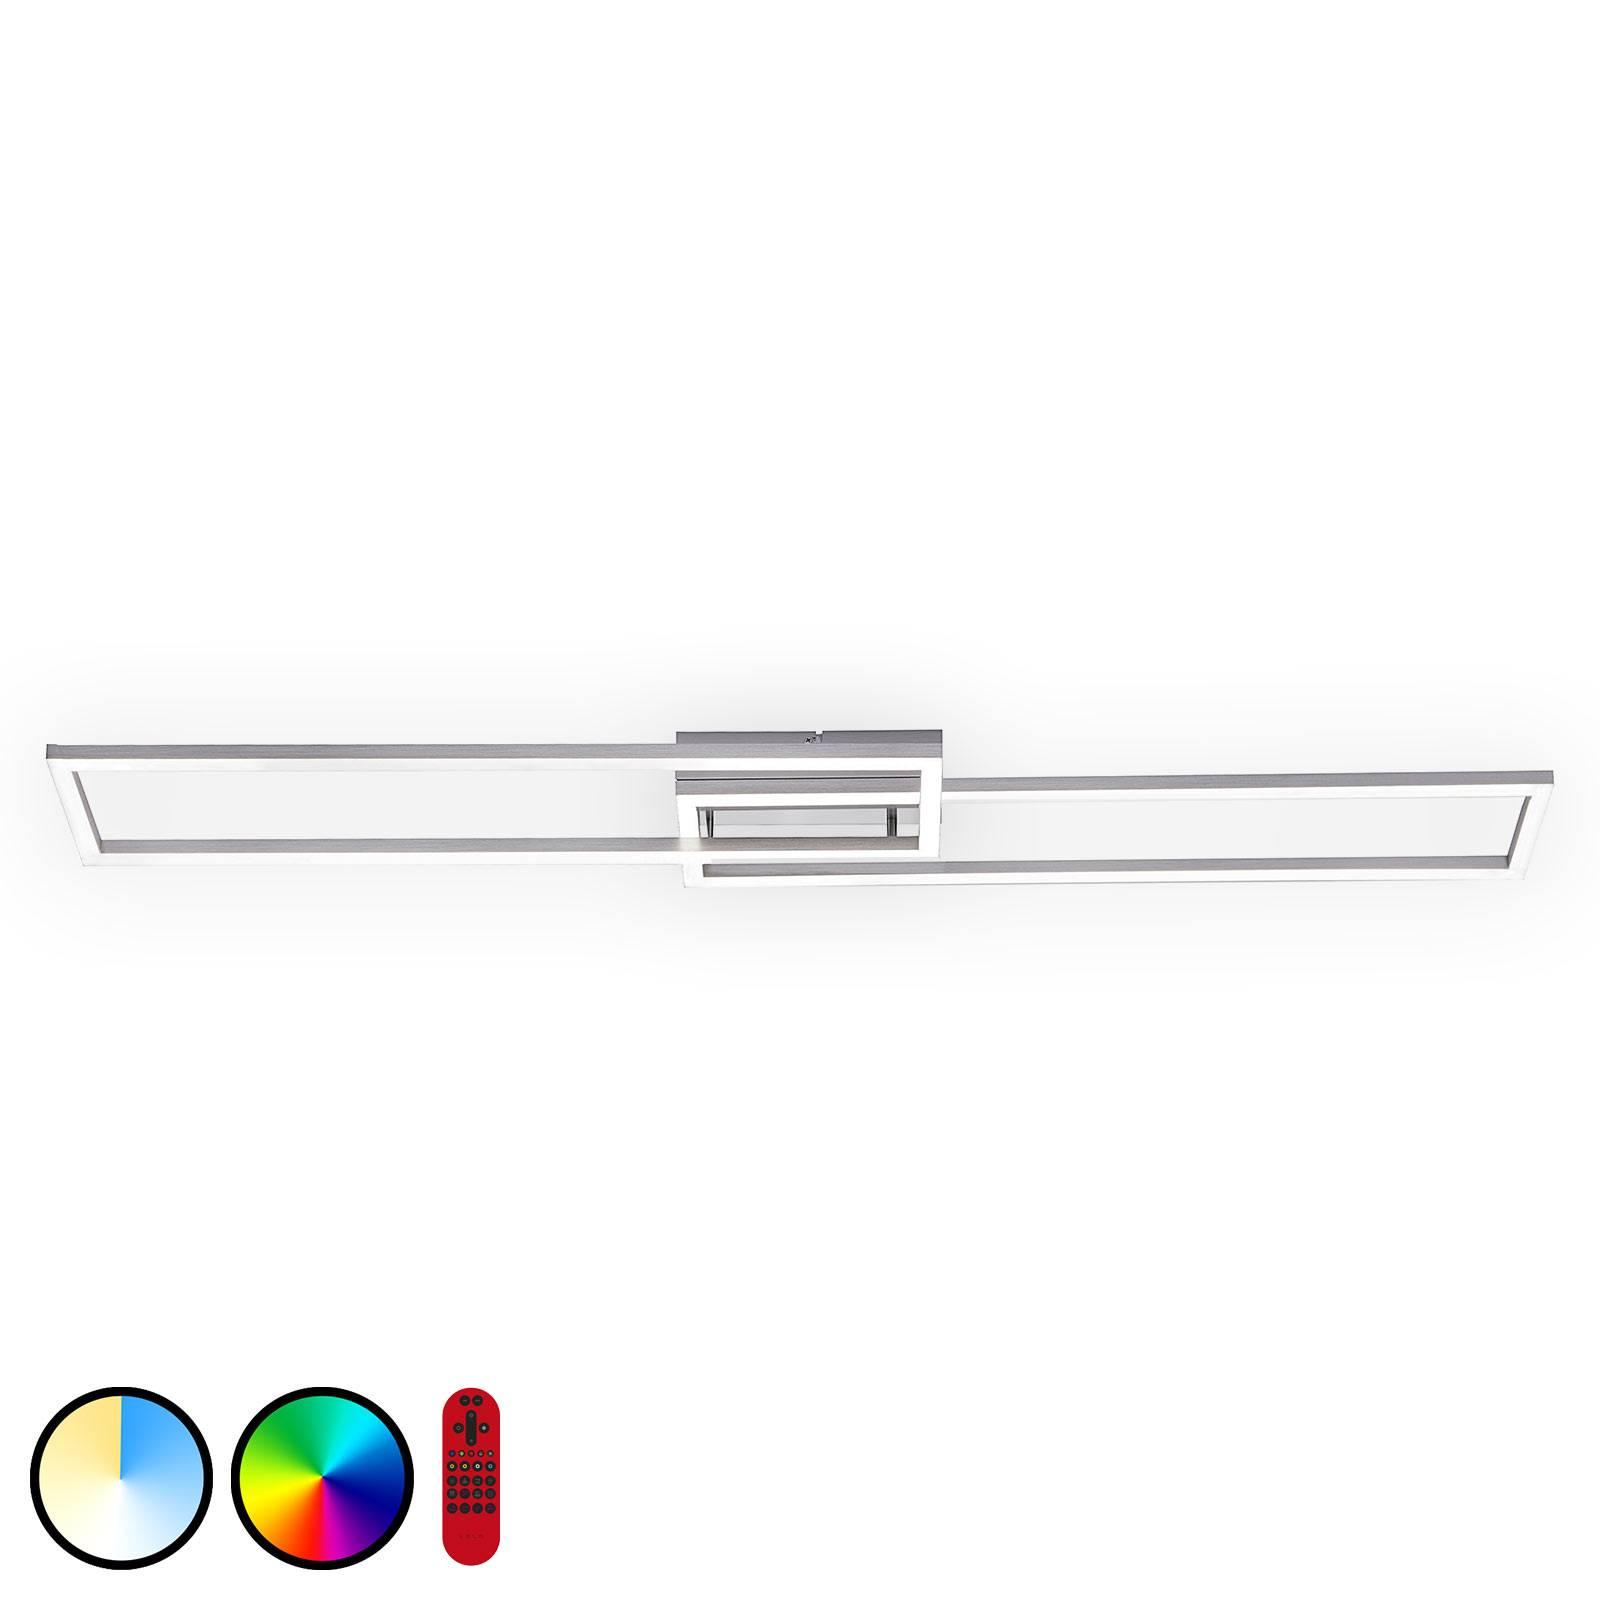 LED plafondlamp LOLAsmart Maxi, 110 x 25 cm